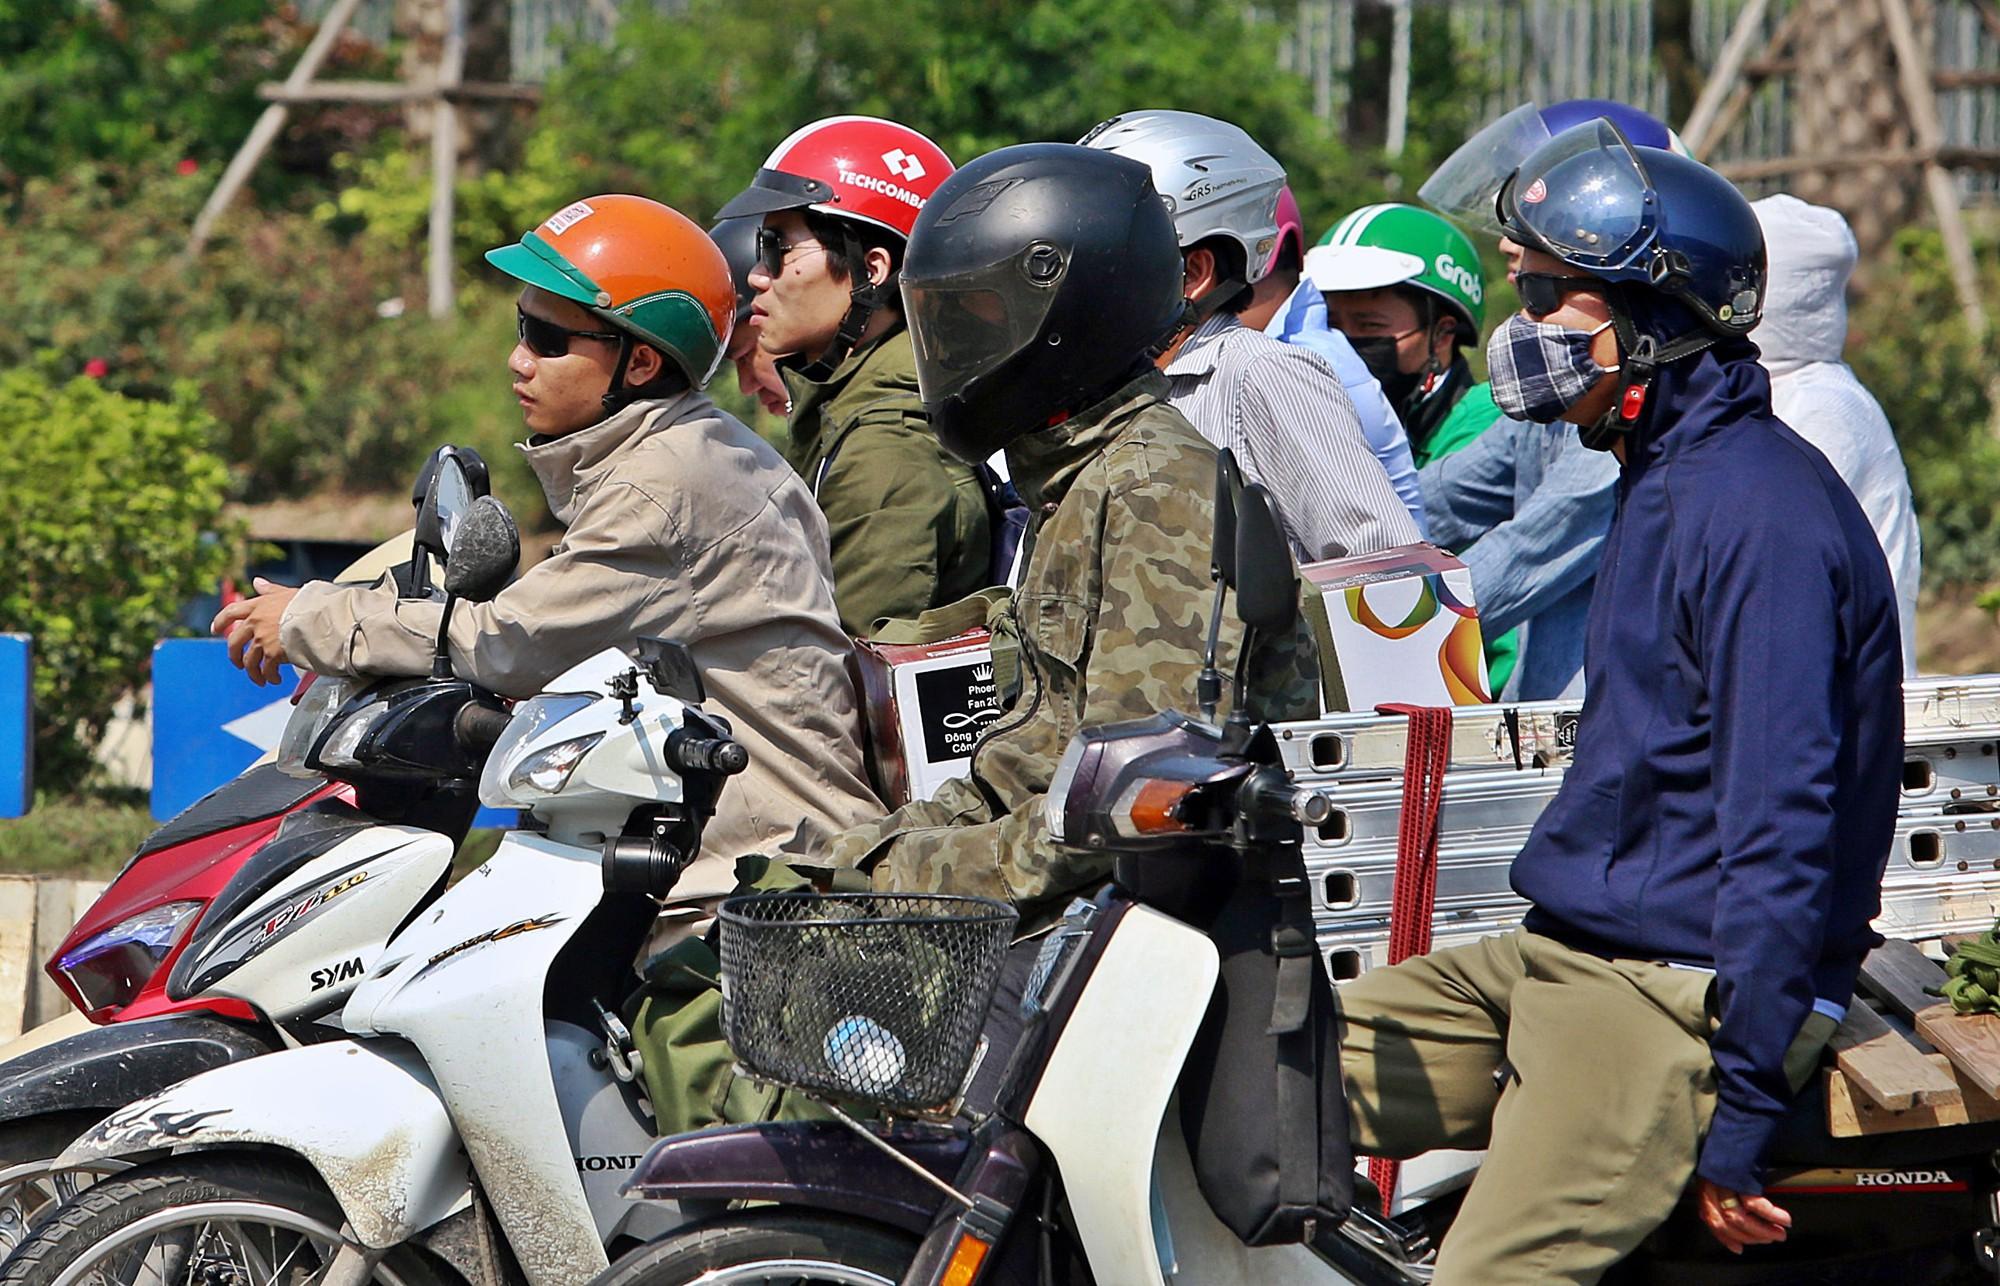 Người dân thi nhau vượt đèn đỏ ở Hà Nội vì nắng nóng, tia UV nguy cơ gây hại cao? - Ảnh 2.